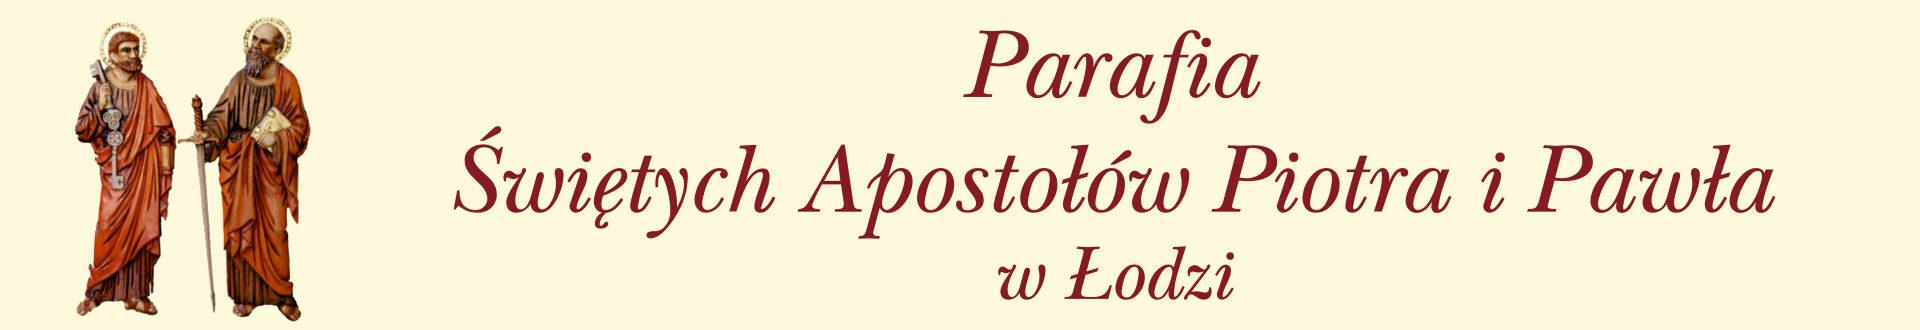 Parafia Świętych Apostołów Piotra i Pawła w Łodzi